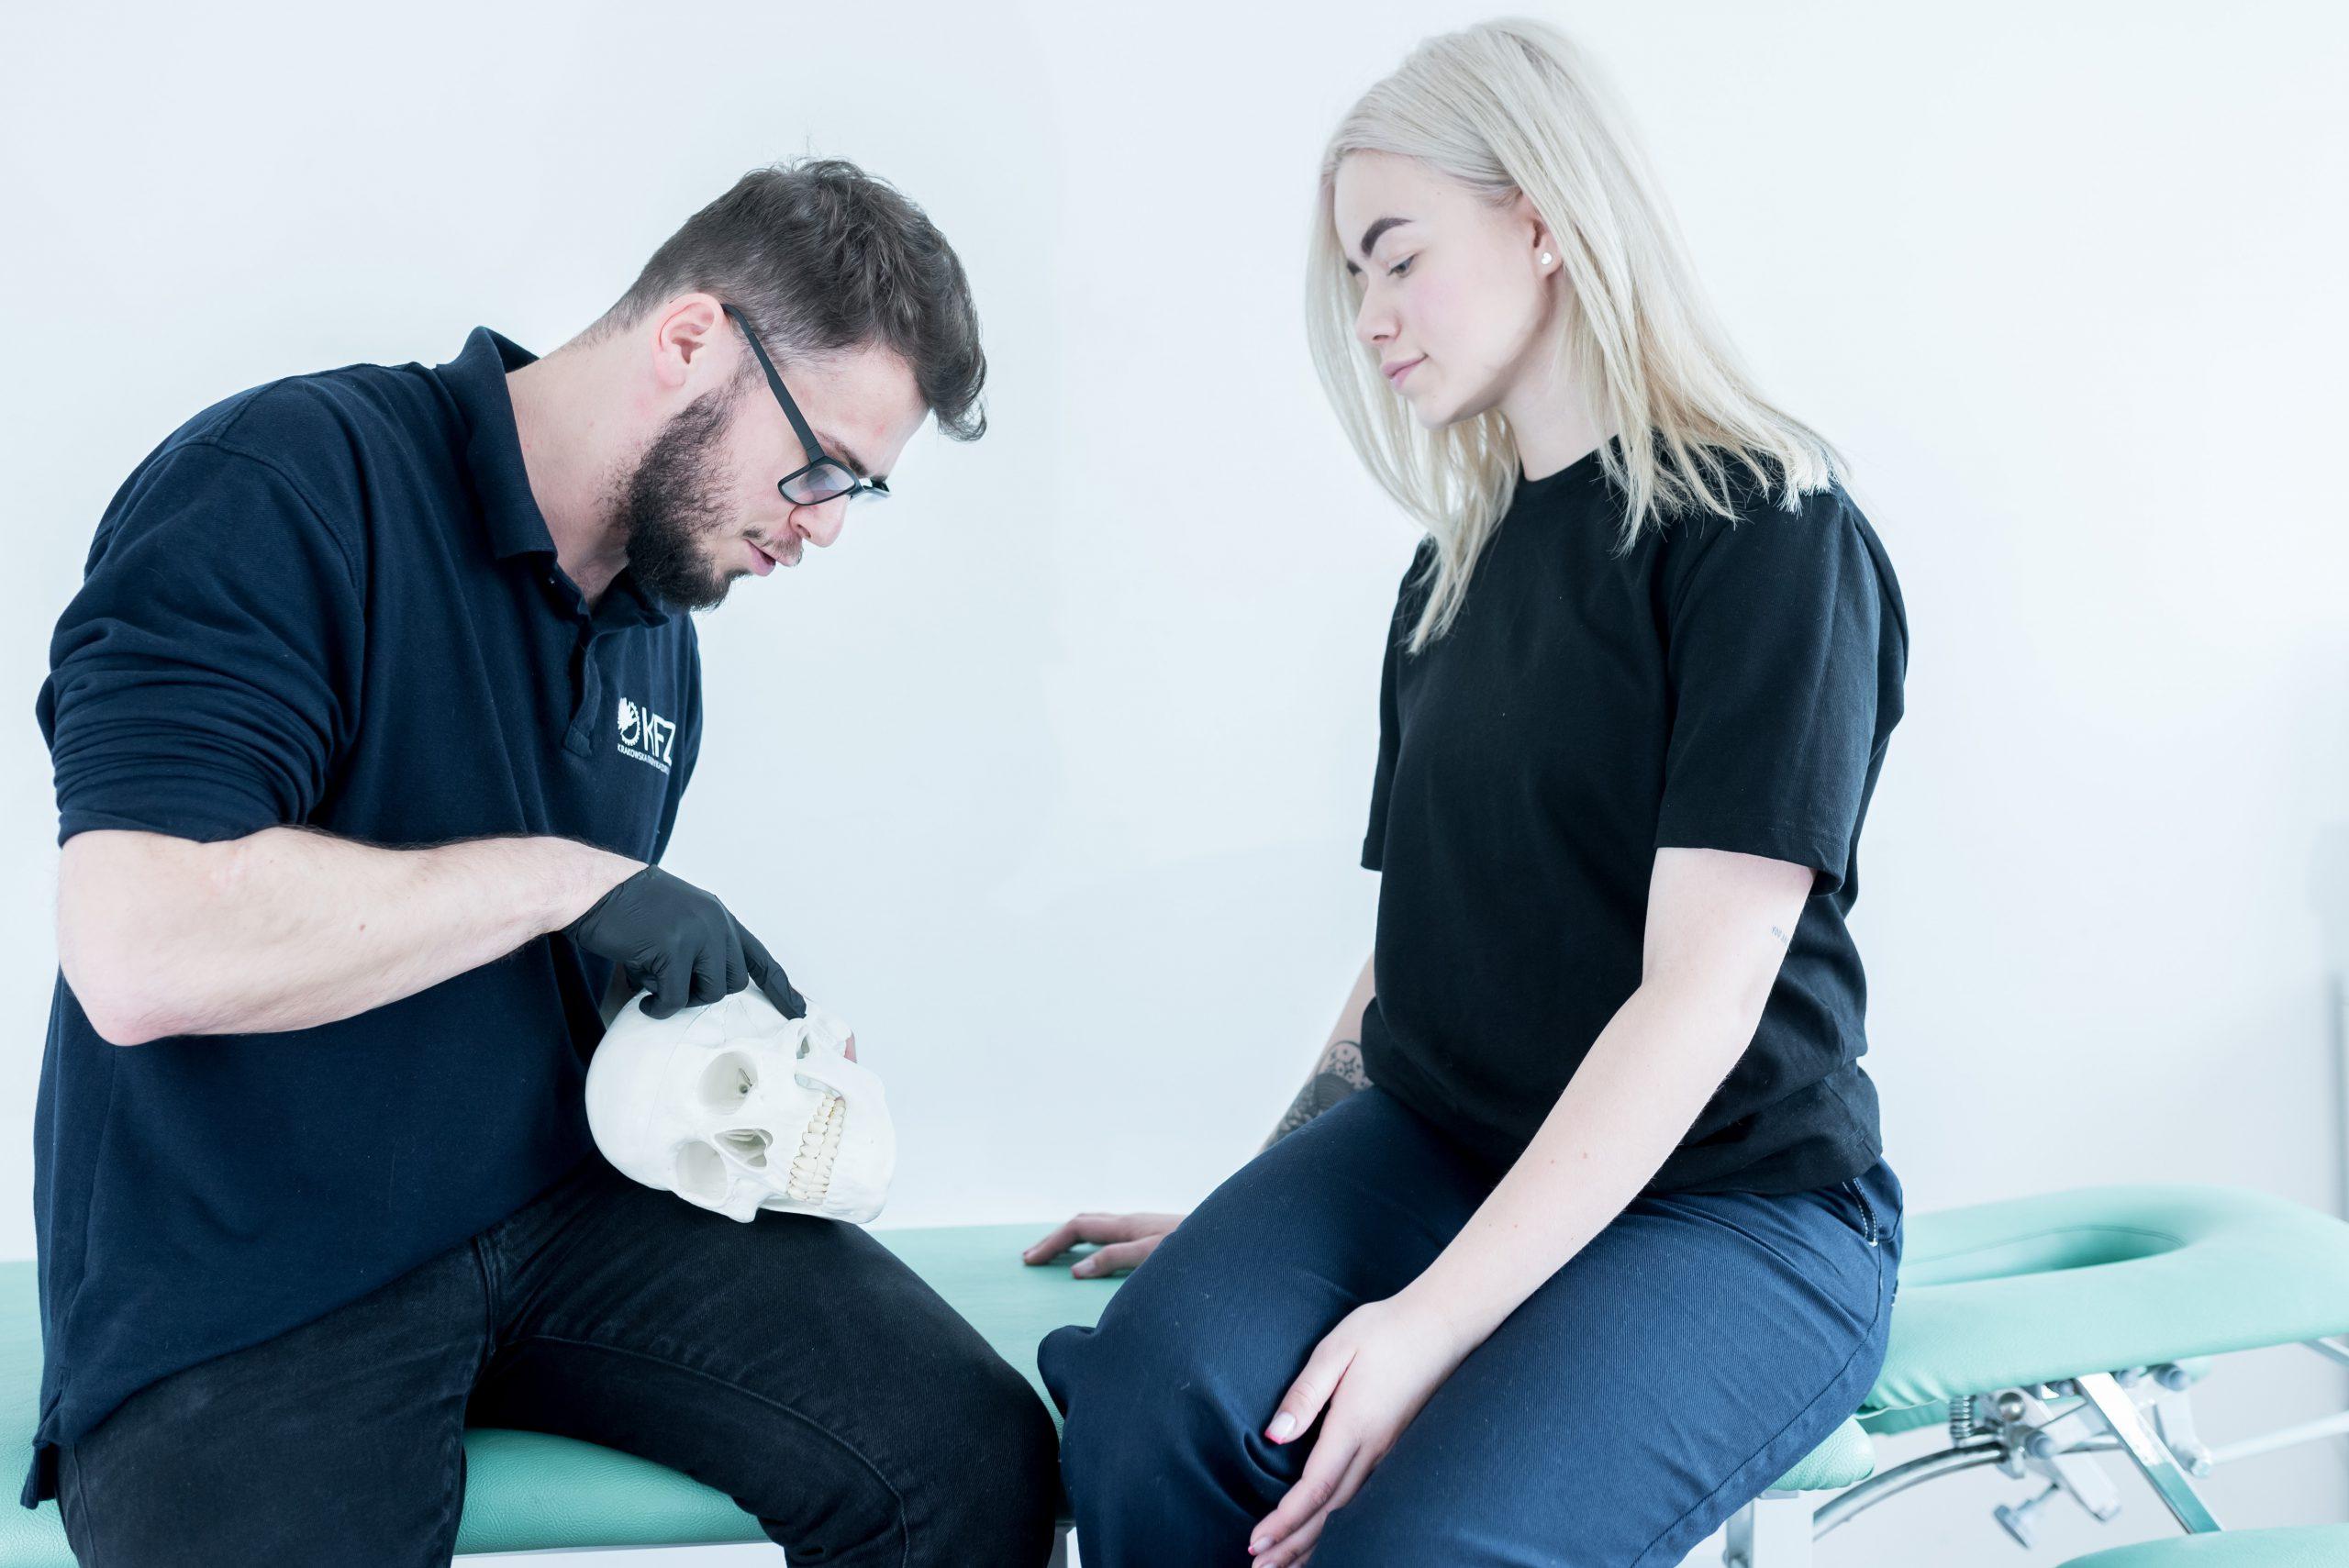 rehabilitacja twarzy rehabilitacja stomatologiczna krakow fizjoterapeuta krakow